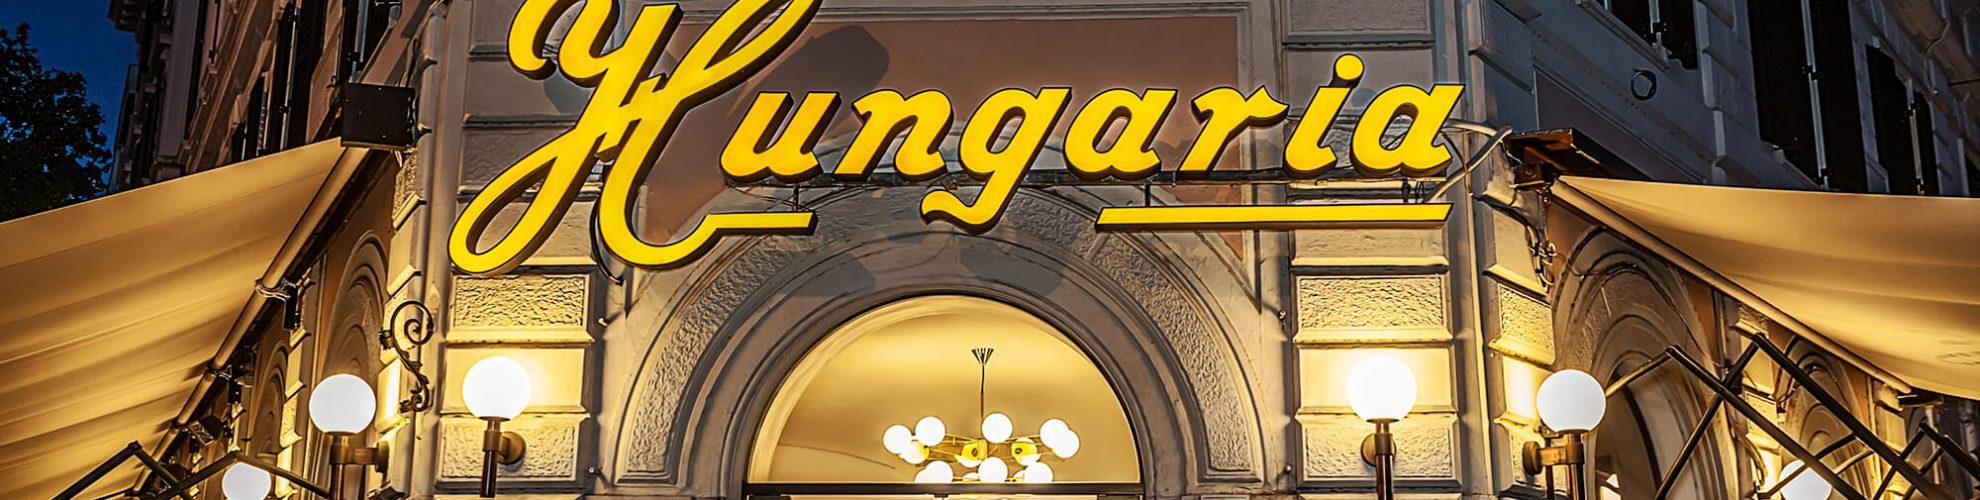 hungaria-home